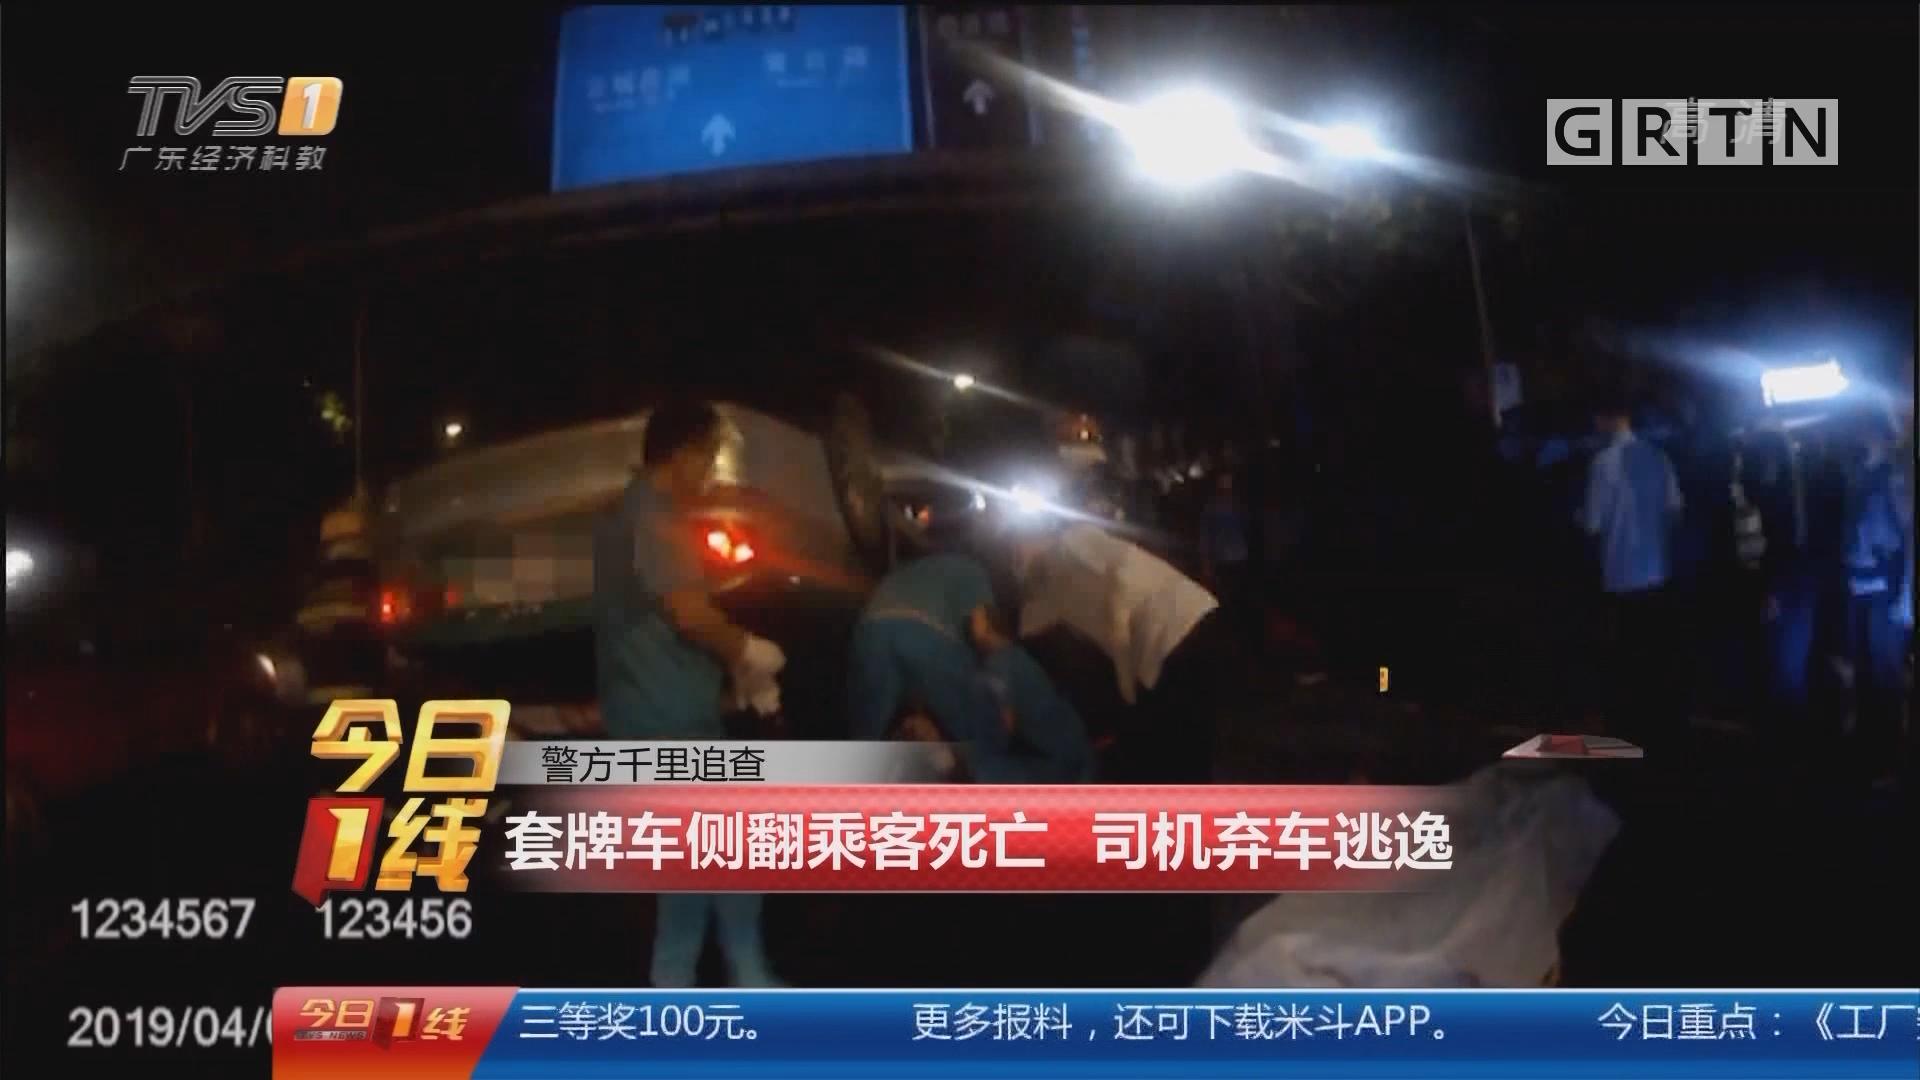 警方千里追查:套牌车侧翻乘客死亡 司机弃车逃逸